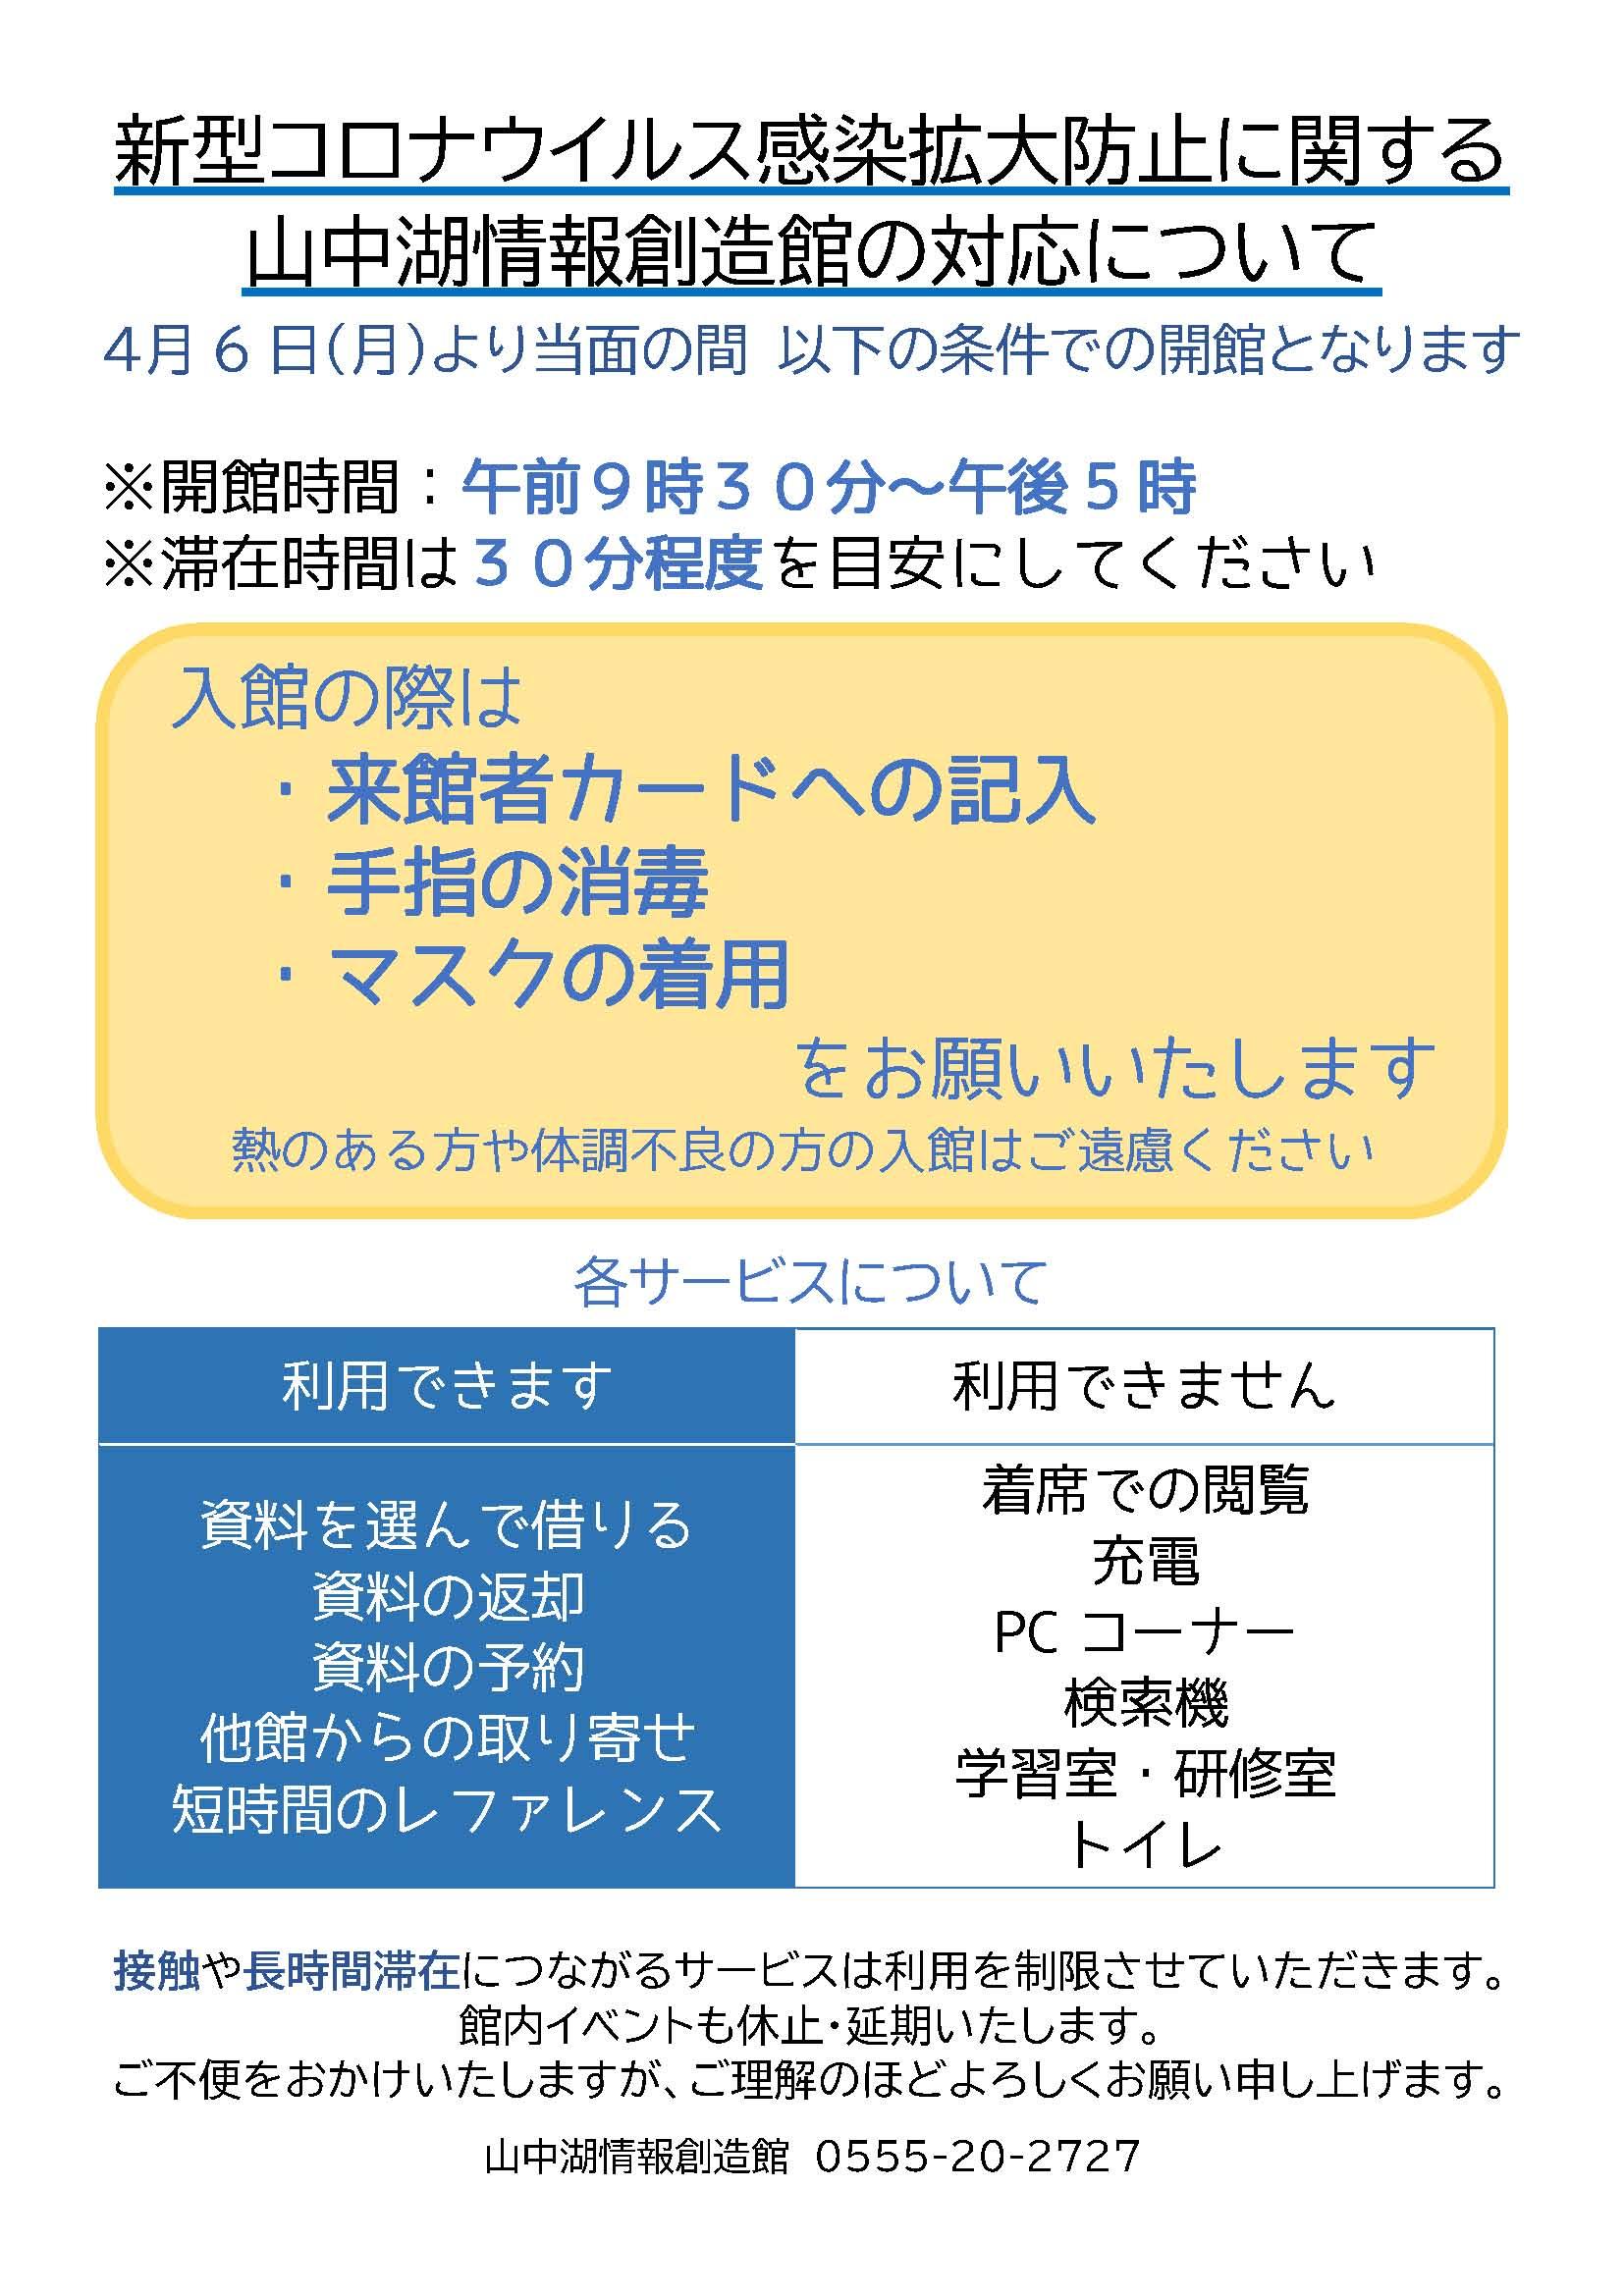 【山中湖情報創造館】新型コロナウイルス感染拡大防止に関する対応について(20200401)